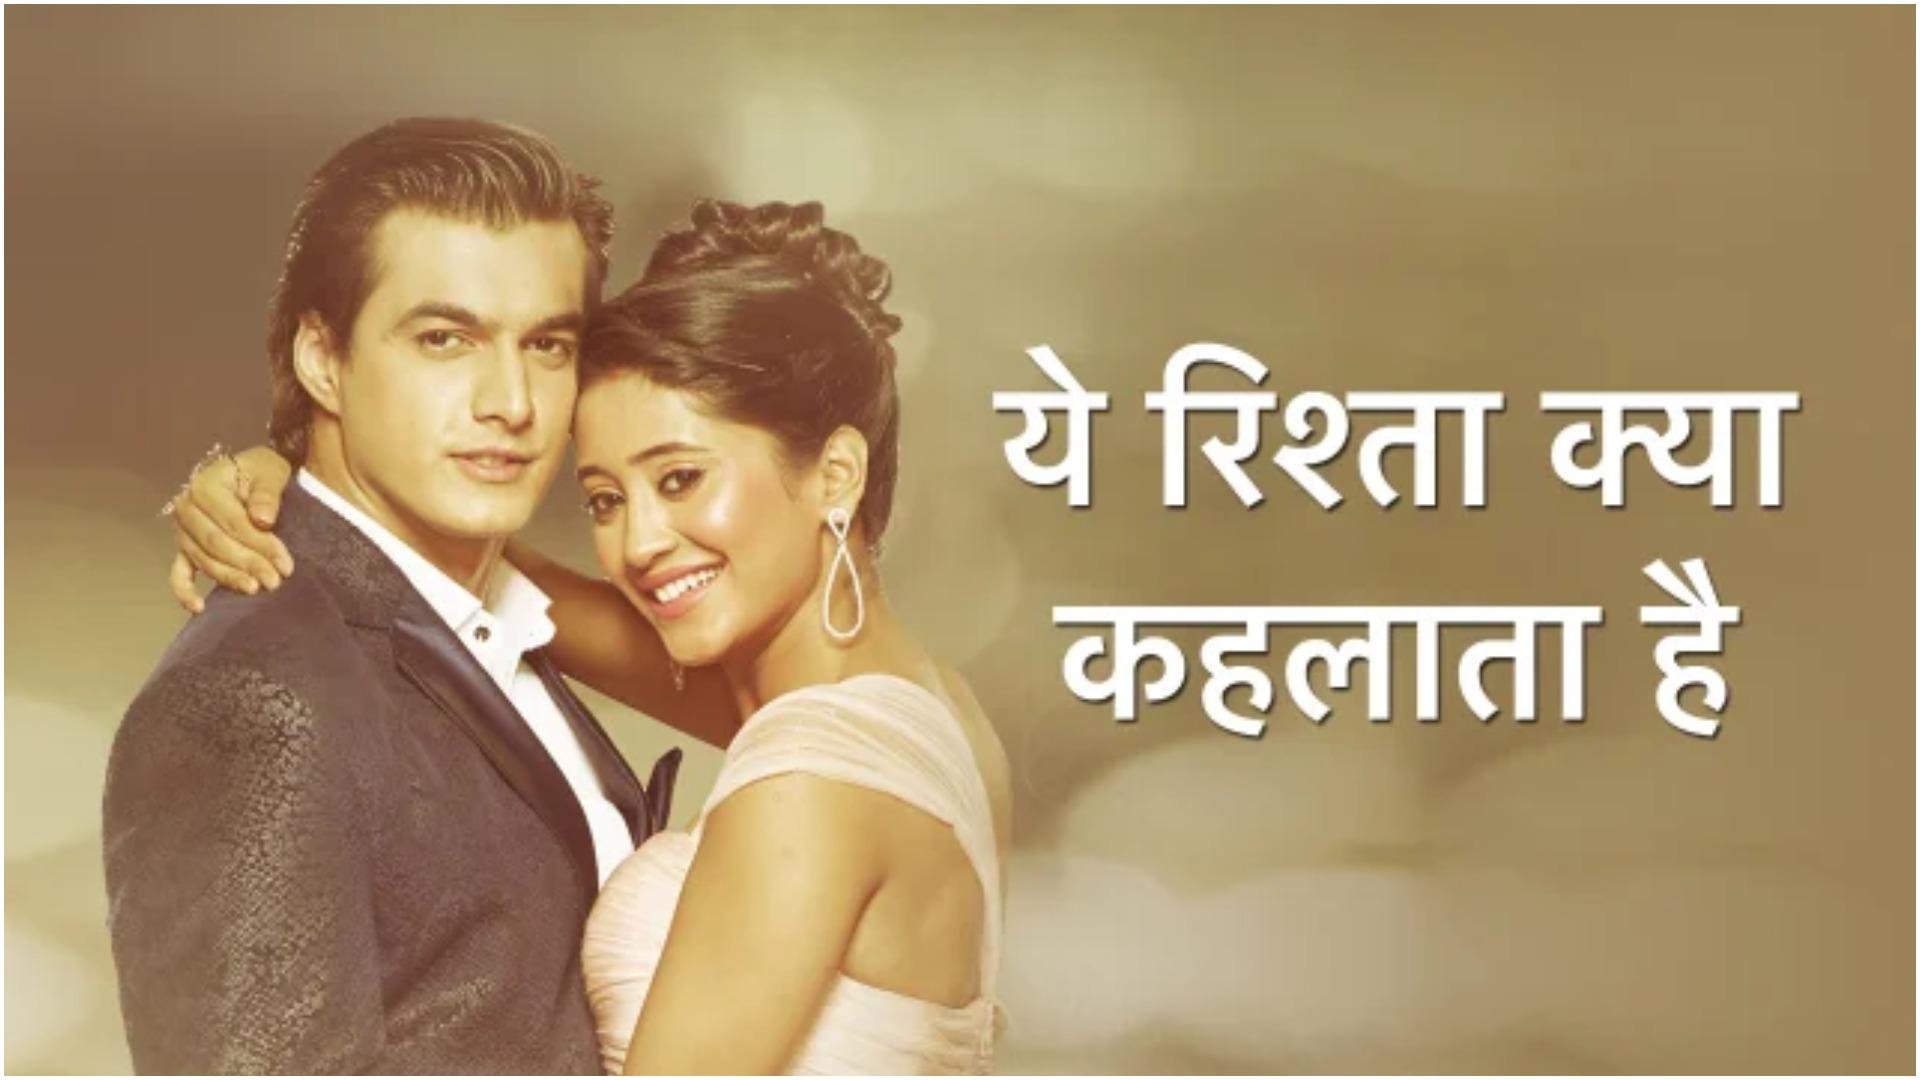 ये रिश्ता क्या कहलाता है (Hindi Rush)